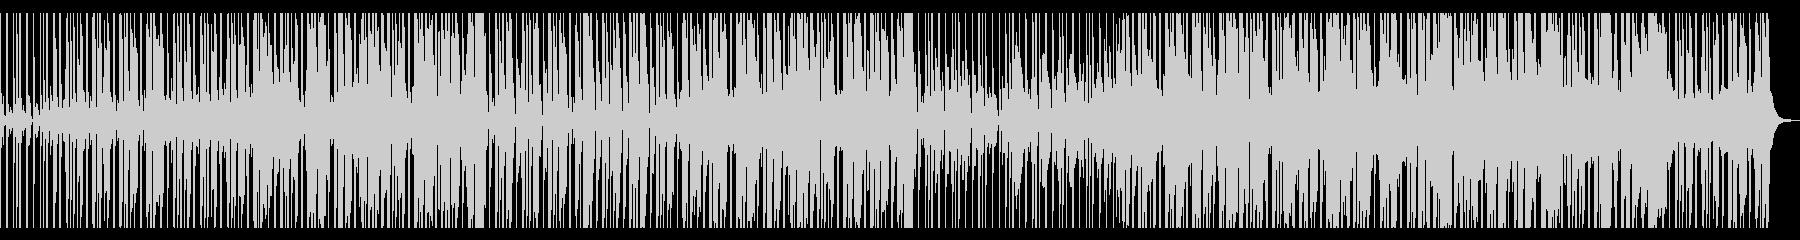 【短いVer1】スローファンクロック の未再生の波形